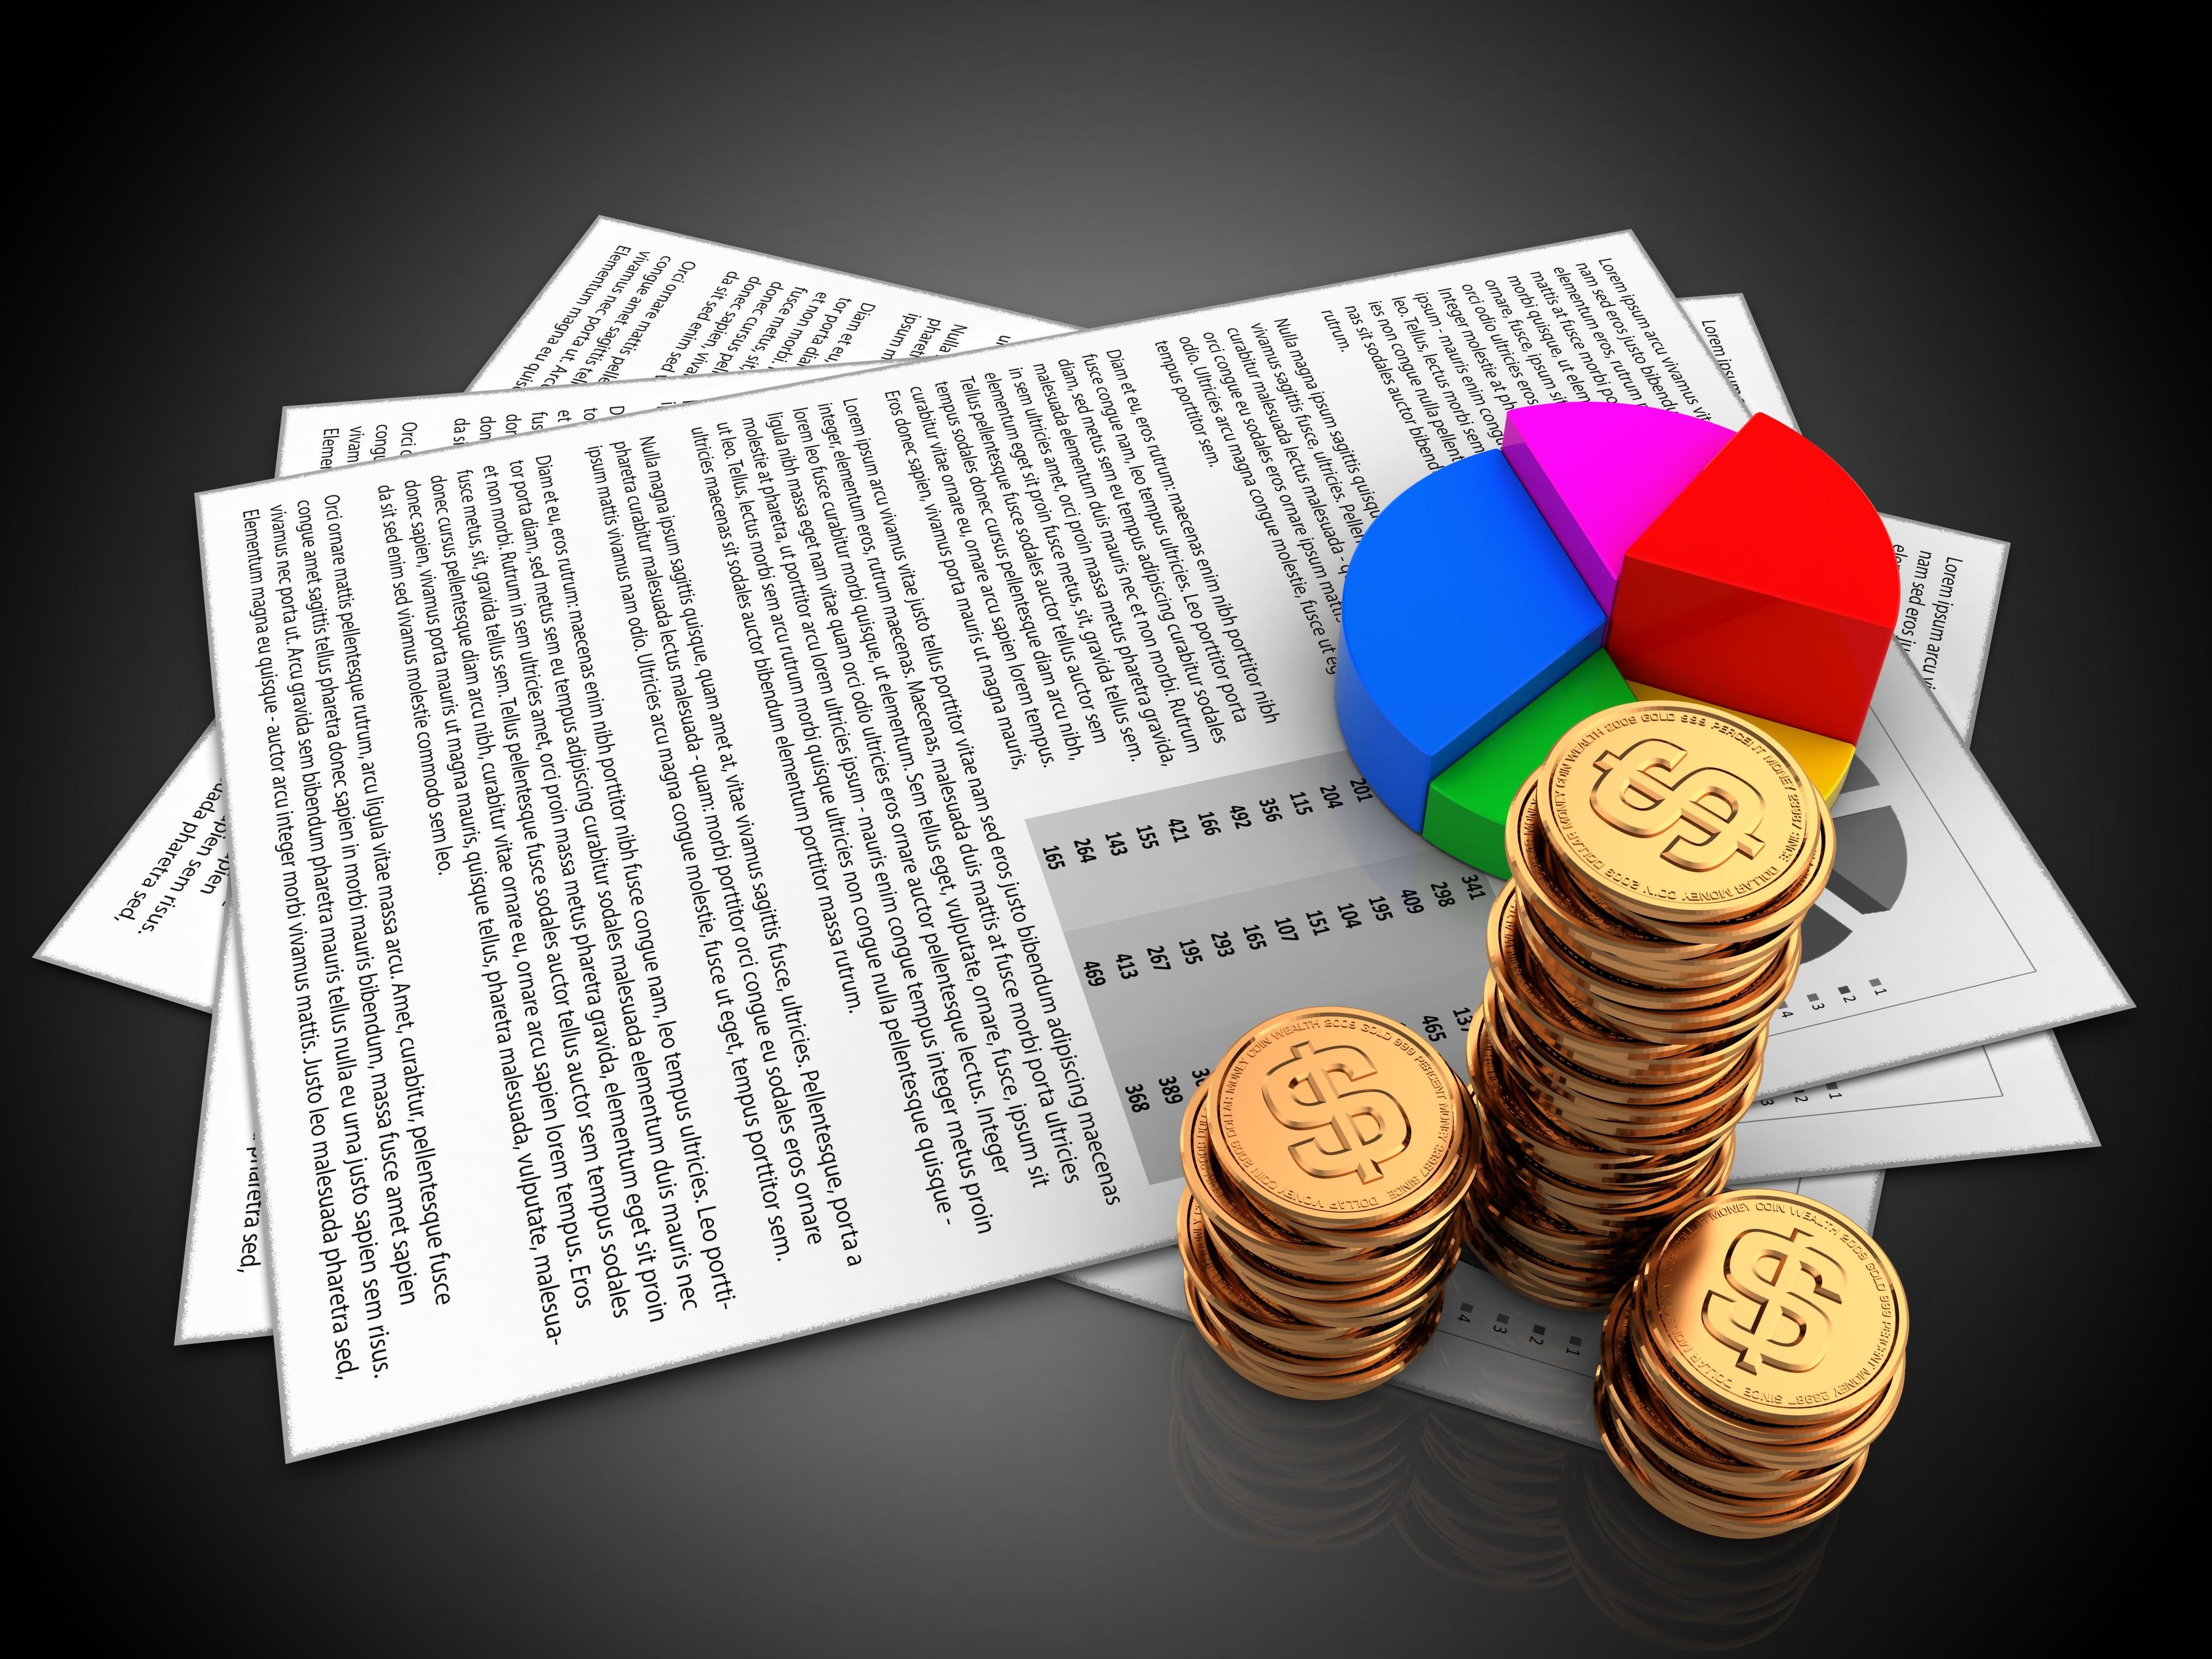 仮想通貨投資に大事な「ポートフォリオ」の考え方